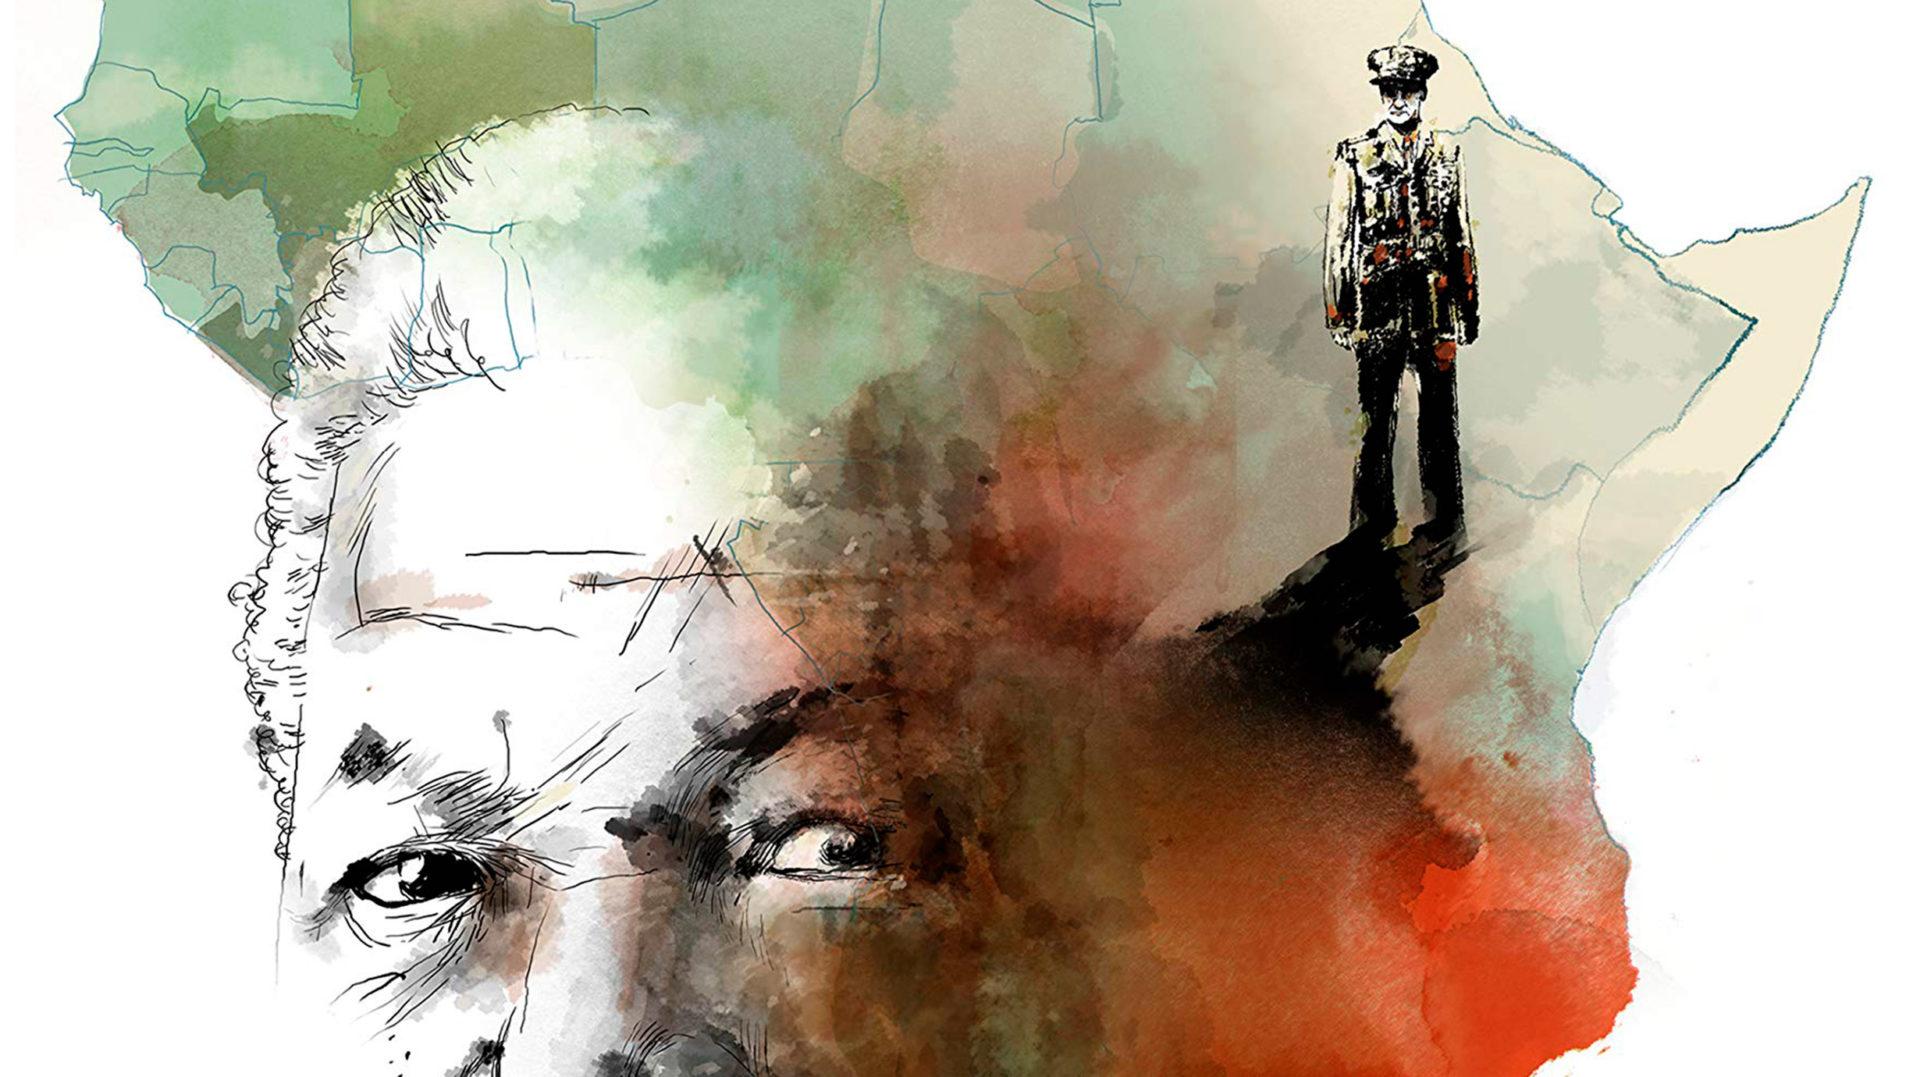 Presentació del còmic 'Mandela i el general'